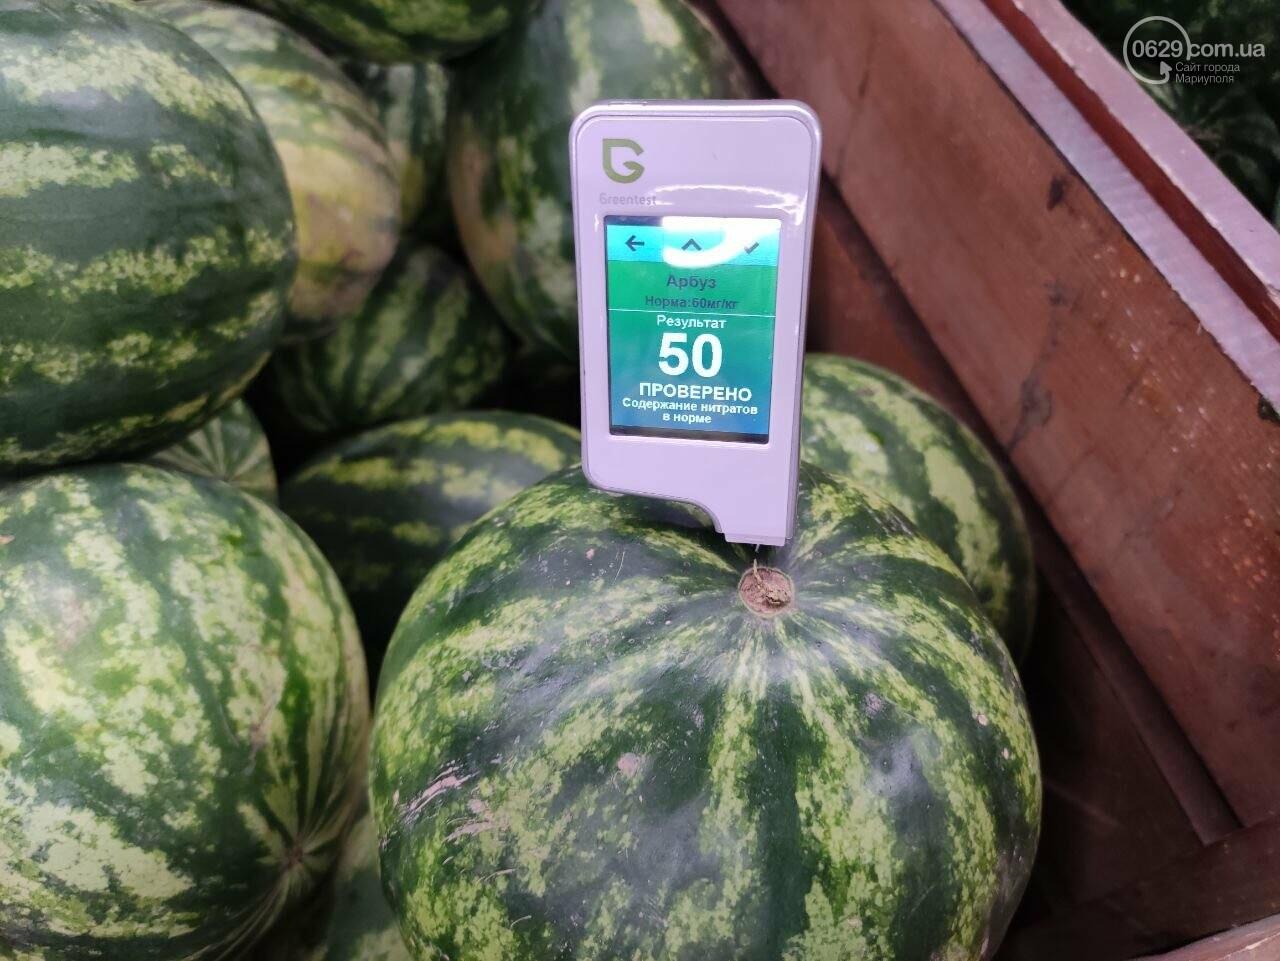 Проверка на нитраты в Мариуполе: опасные дыни в супермаркете и злые продавцы на рынке, - ФОТО, ВИДЕО, фото-12